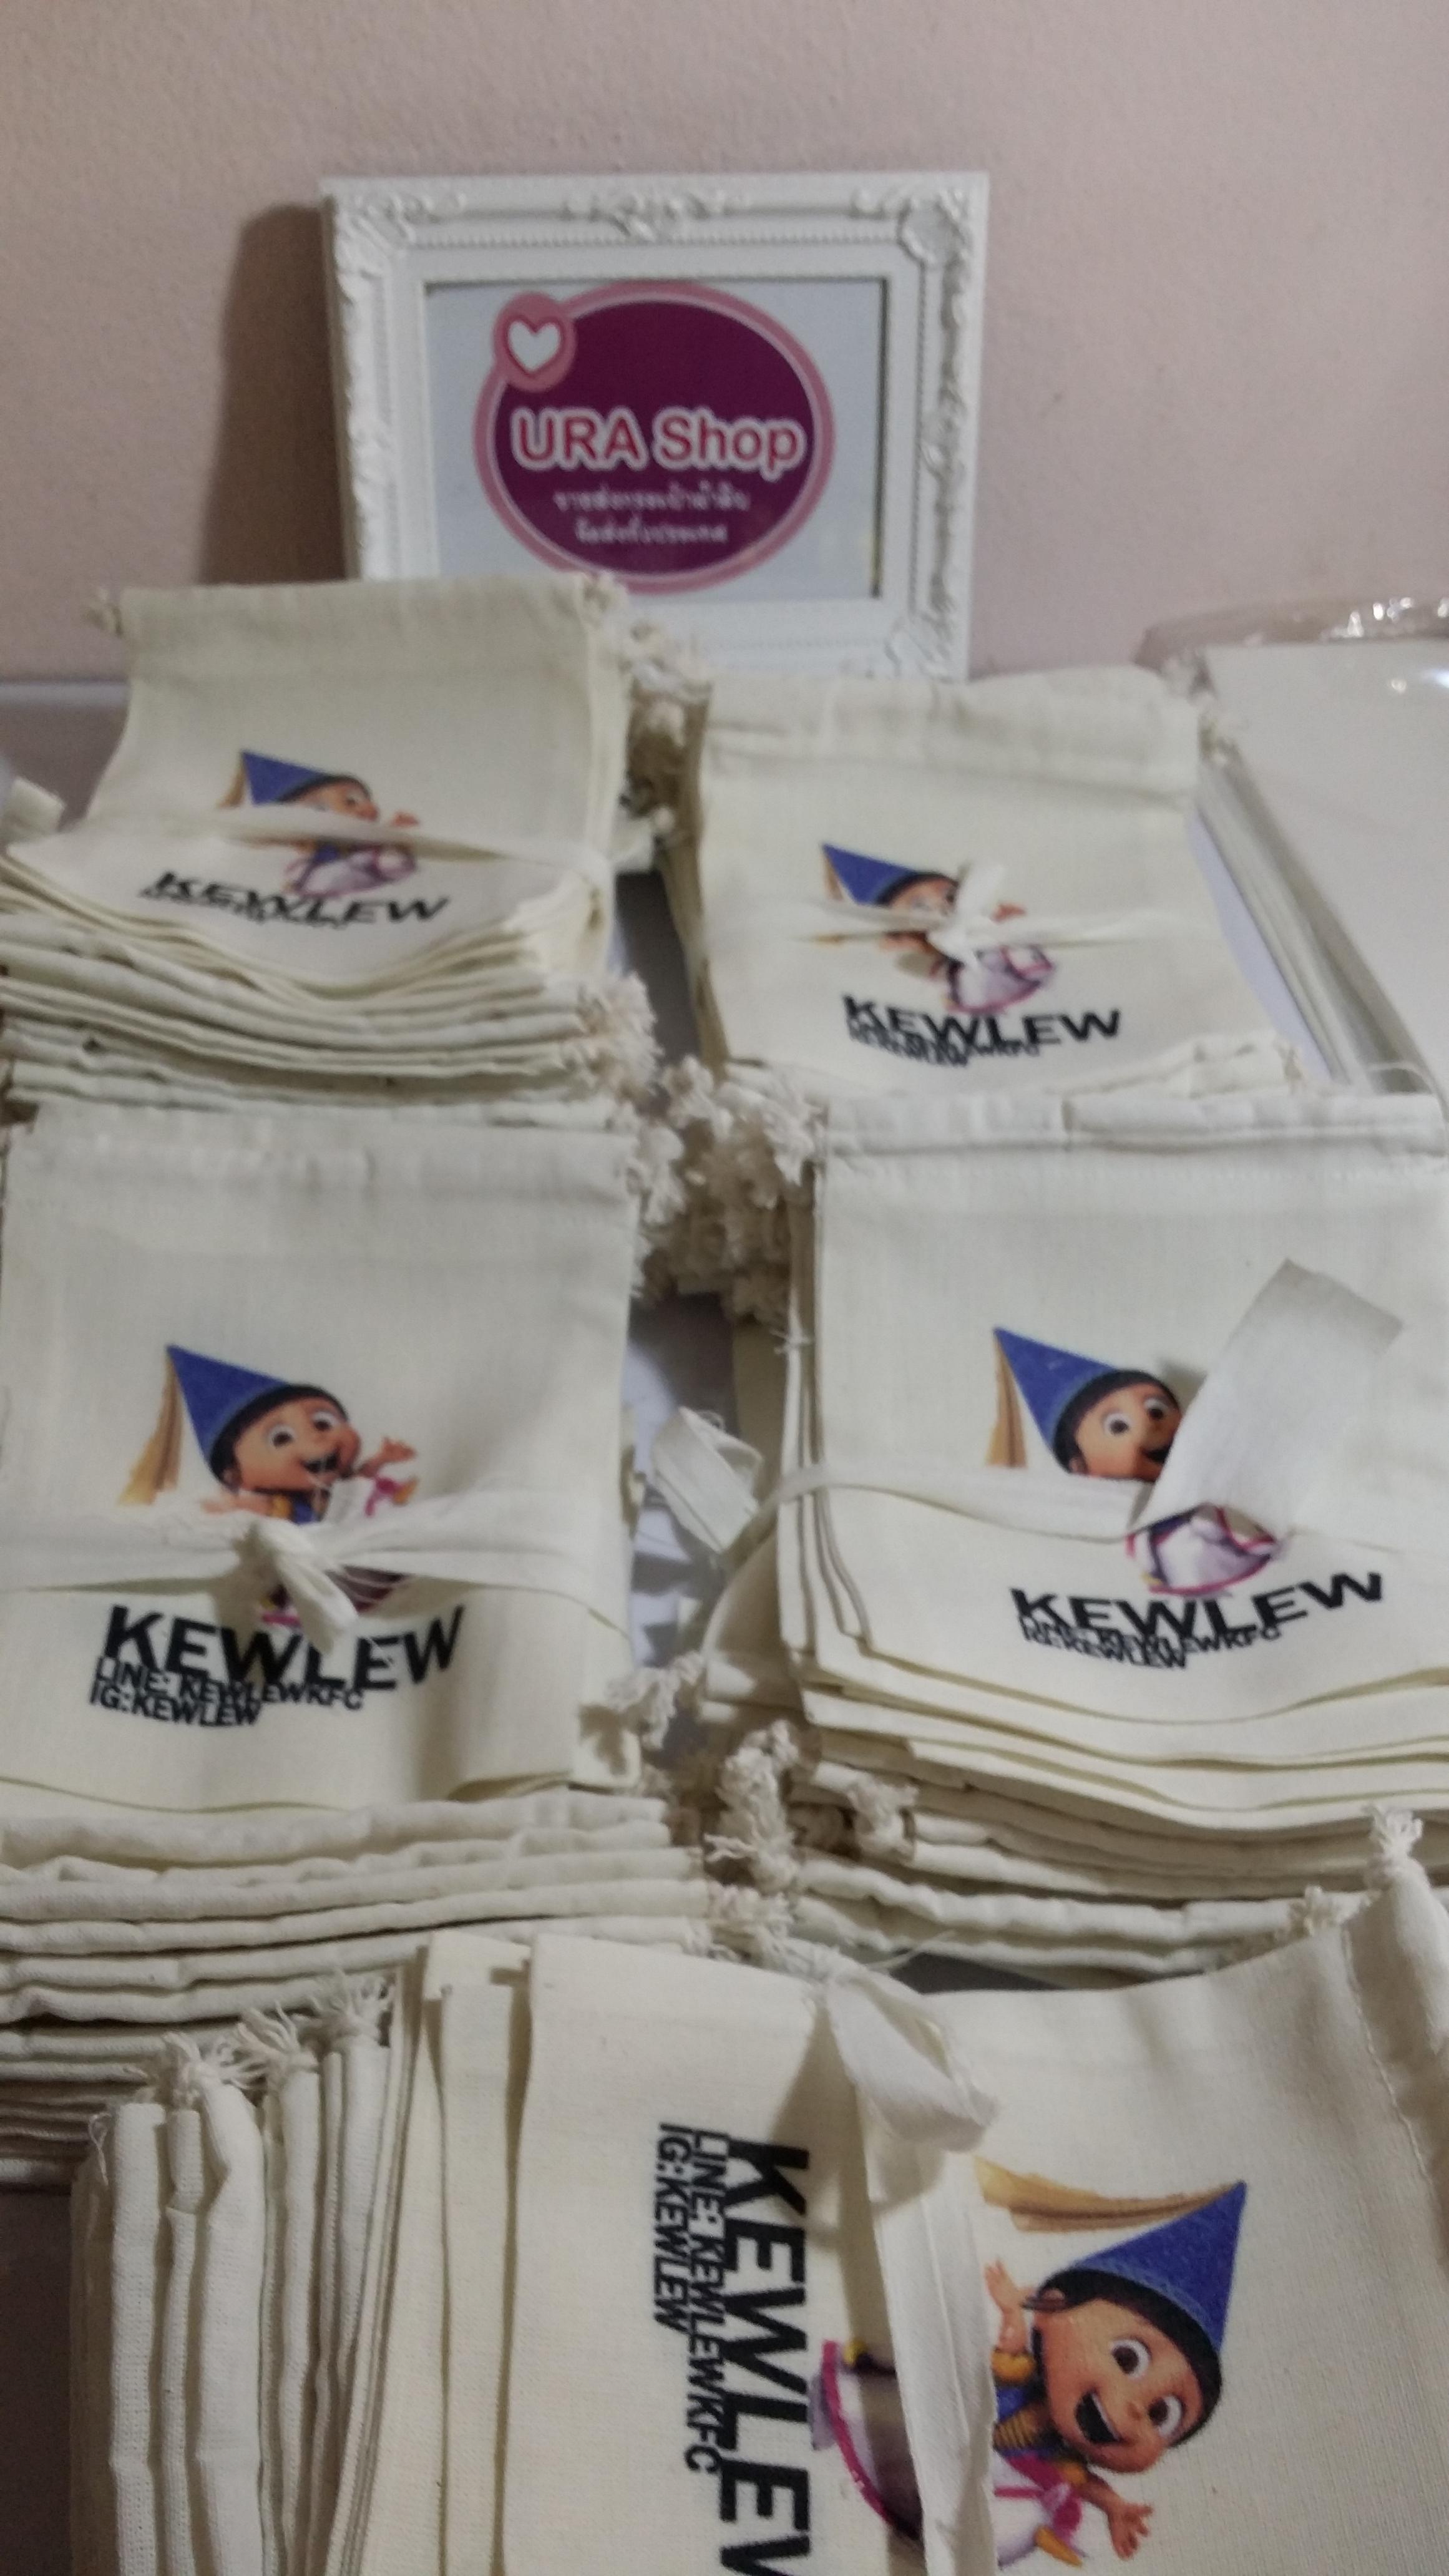 กระเป๋าผ้าดิบเชียงใหม่,ถุงผ้าดิบเชียงใหม่,ถุงผ้าดิบ,กระเป๋าผ้าดิบ,เชียงใหม่,ถุงผ้าราคาถูก,กระเป๋าผ้าดิบราคาถูก,กระเป๋าเชียงใหม่,กระเป๋าผ้าสกรีน,สกรีนเชียงใหม่